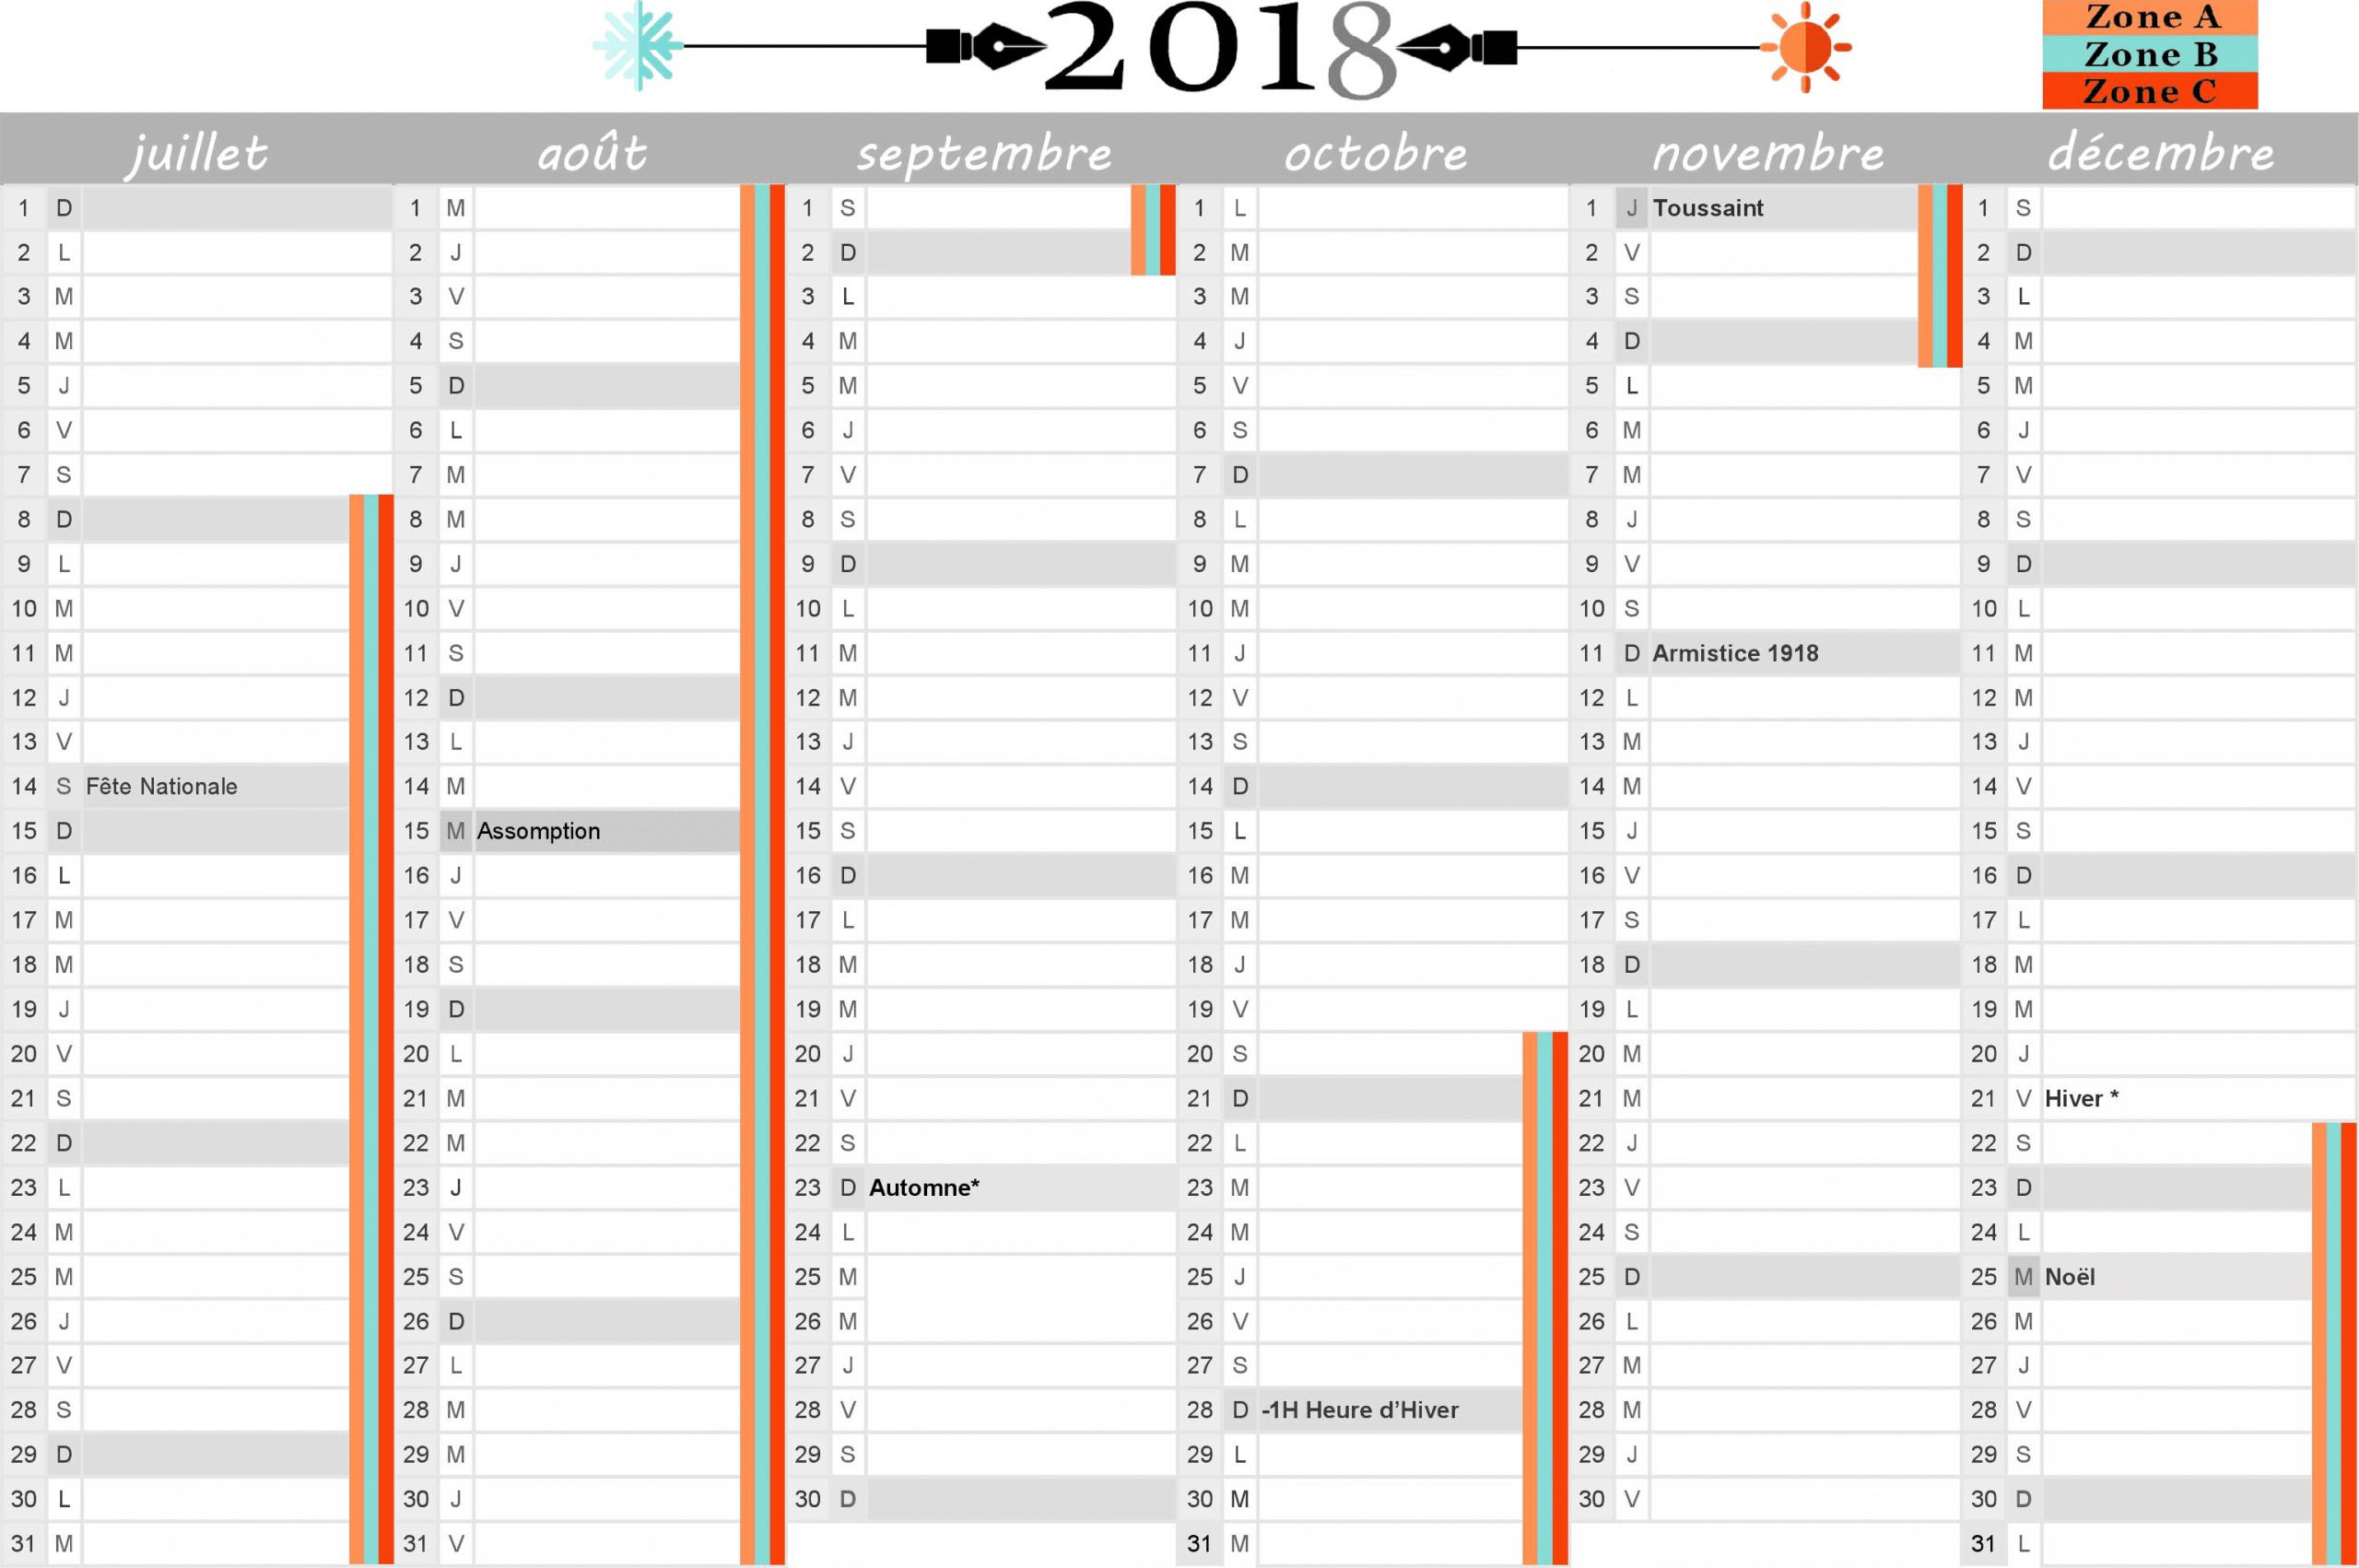 Calendrier 2018 : Vacances Scolaires Et Jours Fériés Inclus tout Calendrier 2018 À Imprimer Avec Vacances Scolaires